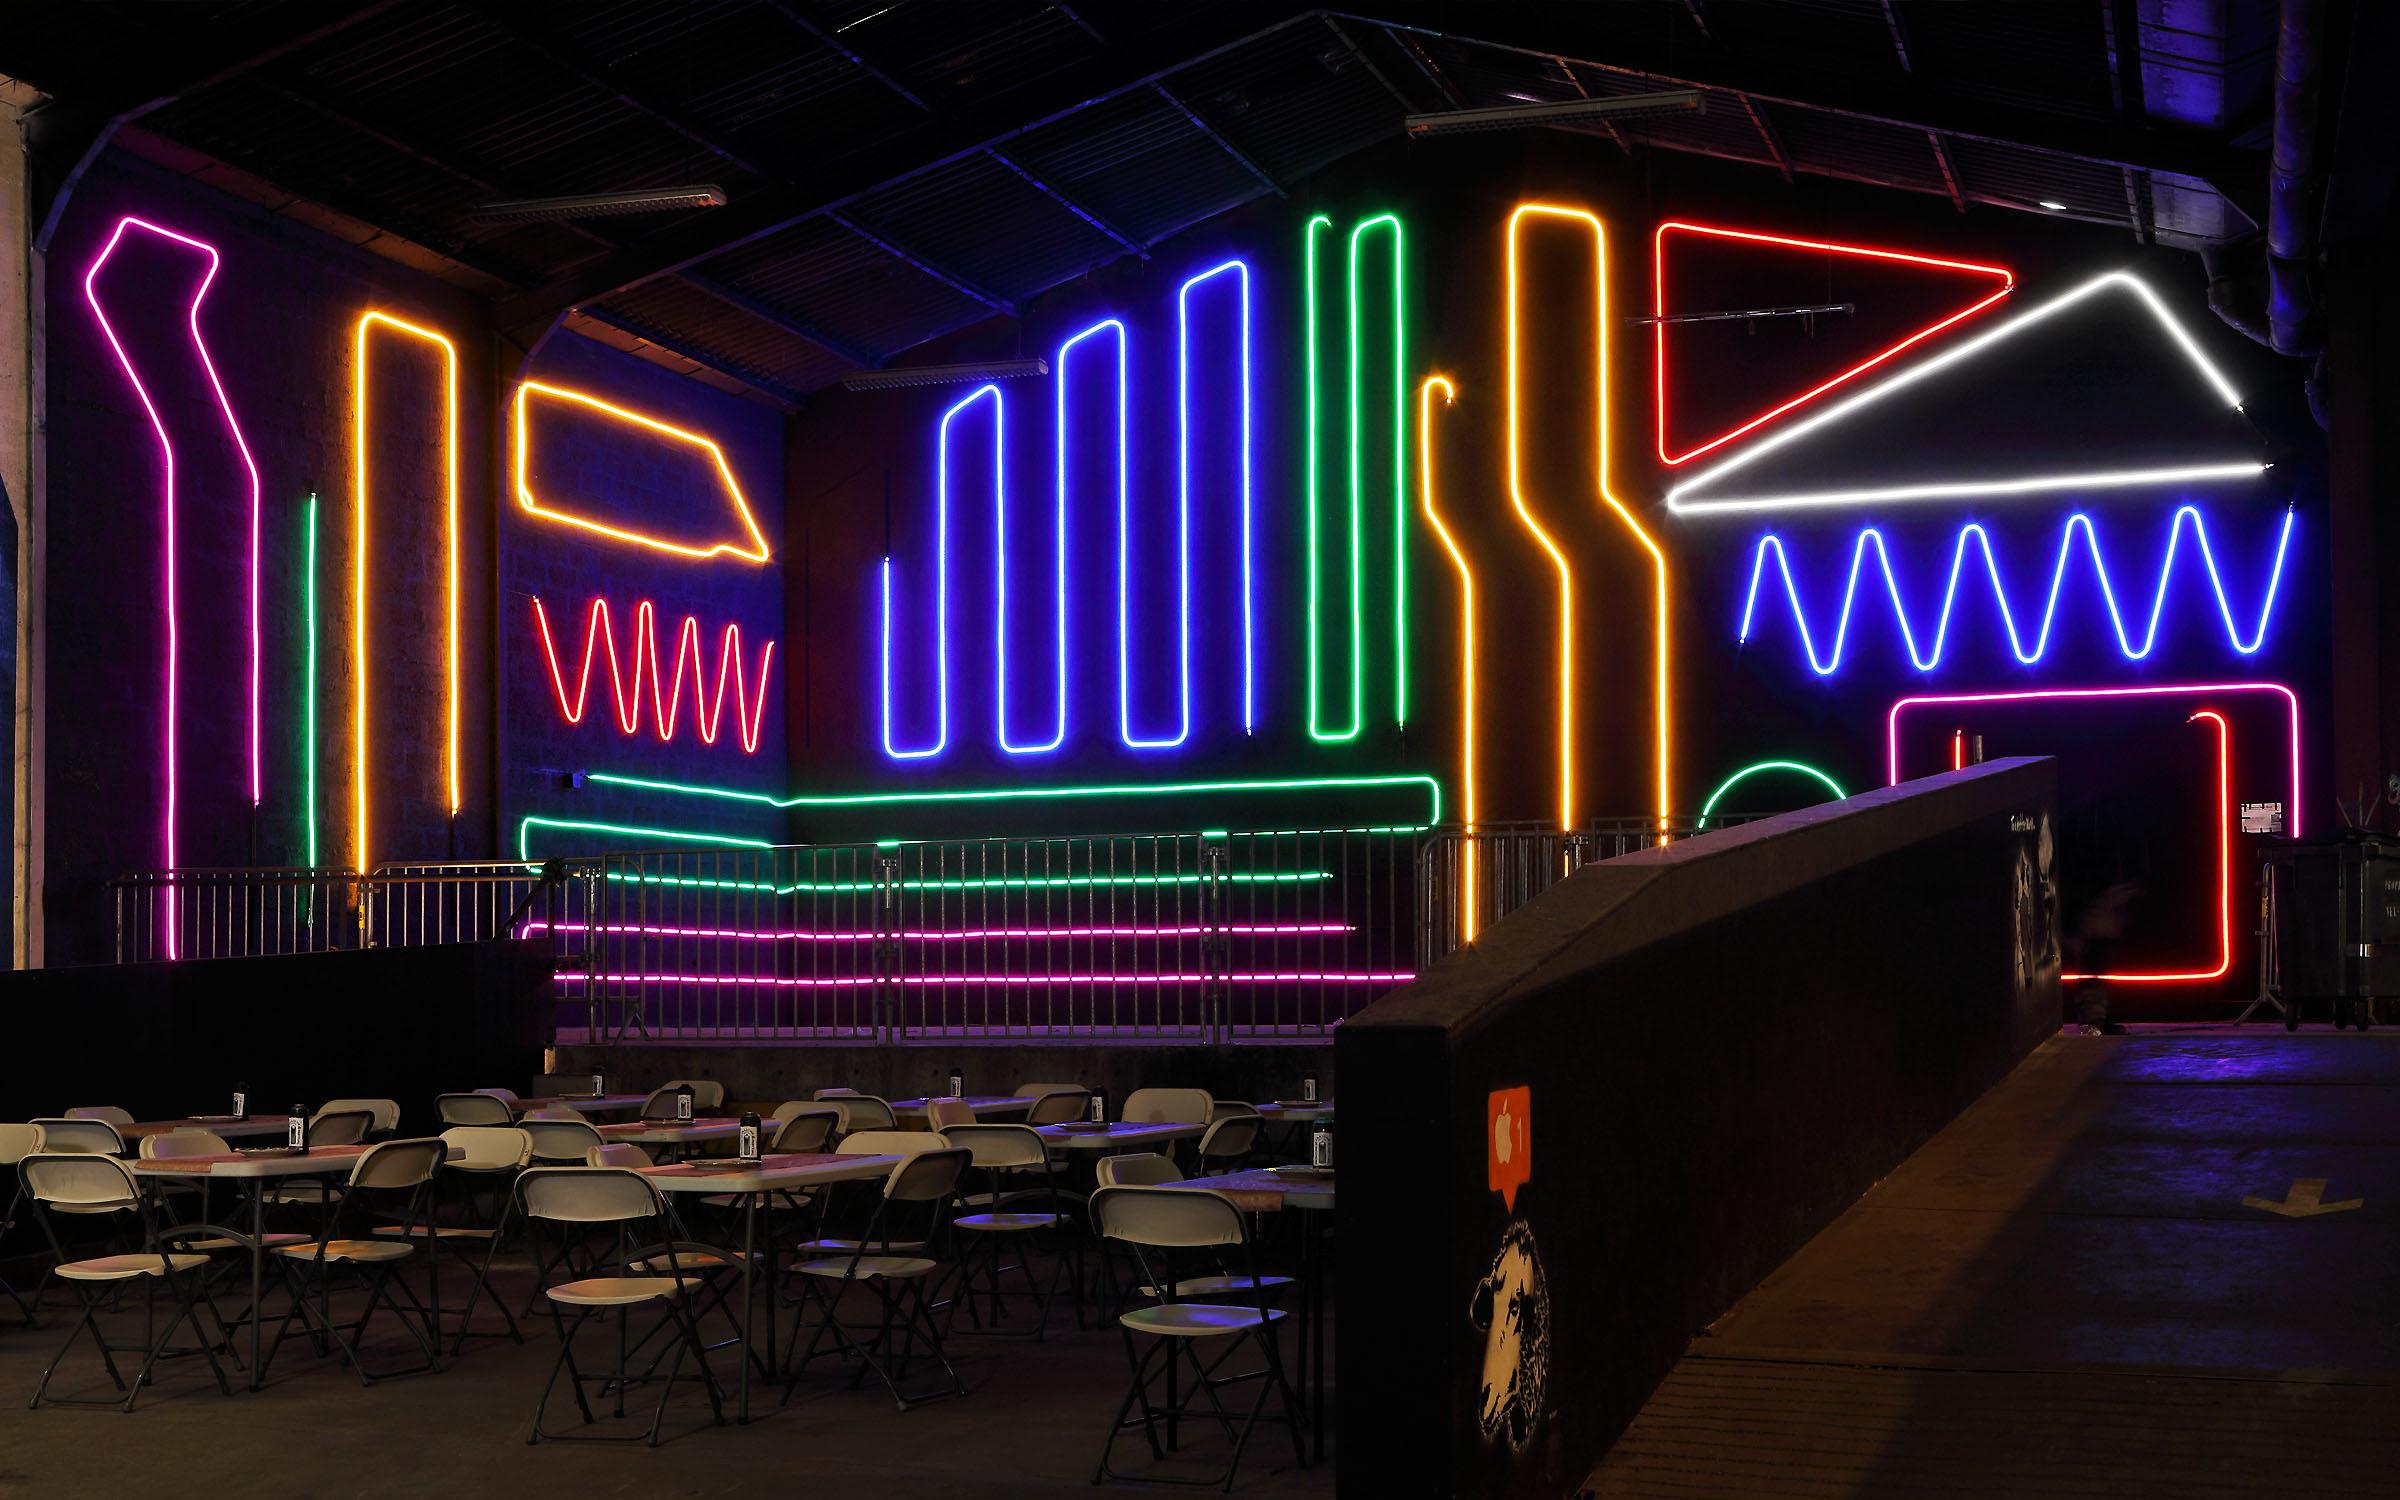 LHH-Peinture-Fraiche-Festival-2020-neon